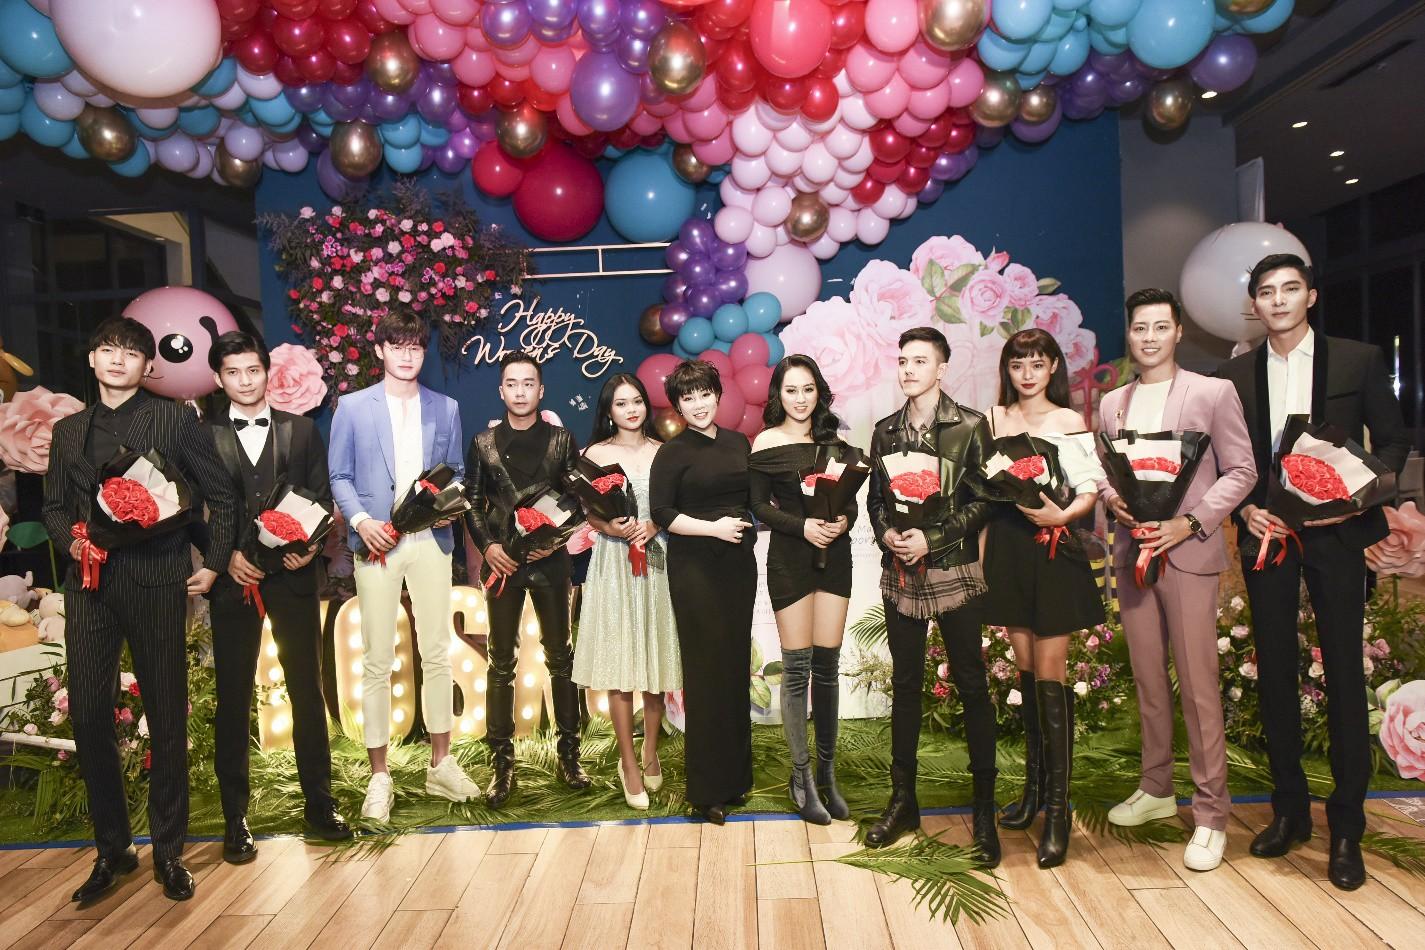 Đào Bá Lộc khuấy động đêm tiệc hoành tráng của công ty Kosxu nhân ngày Quốc tế Phụ nữ - Ảnh 4.